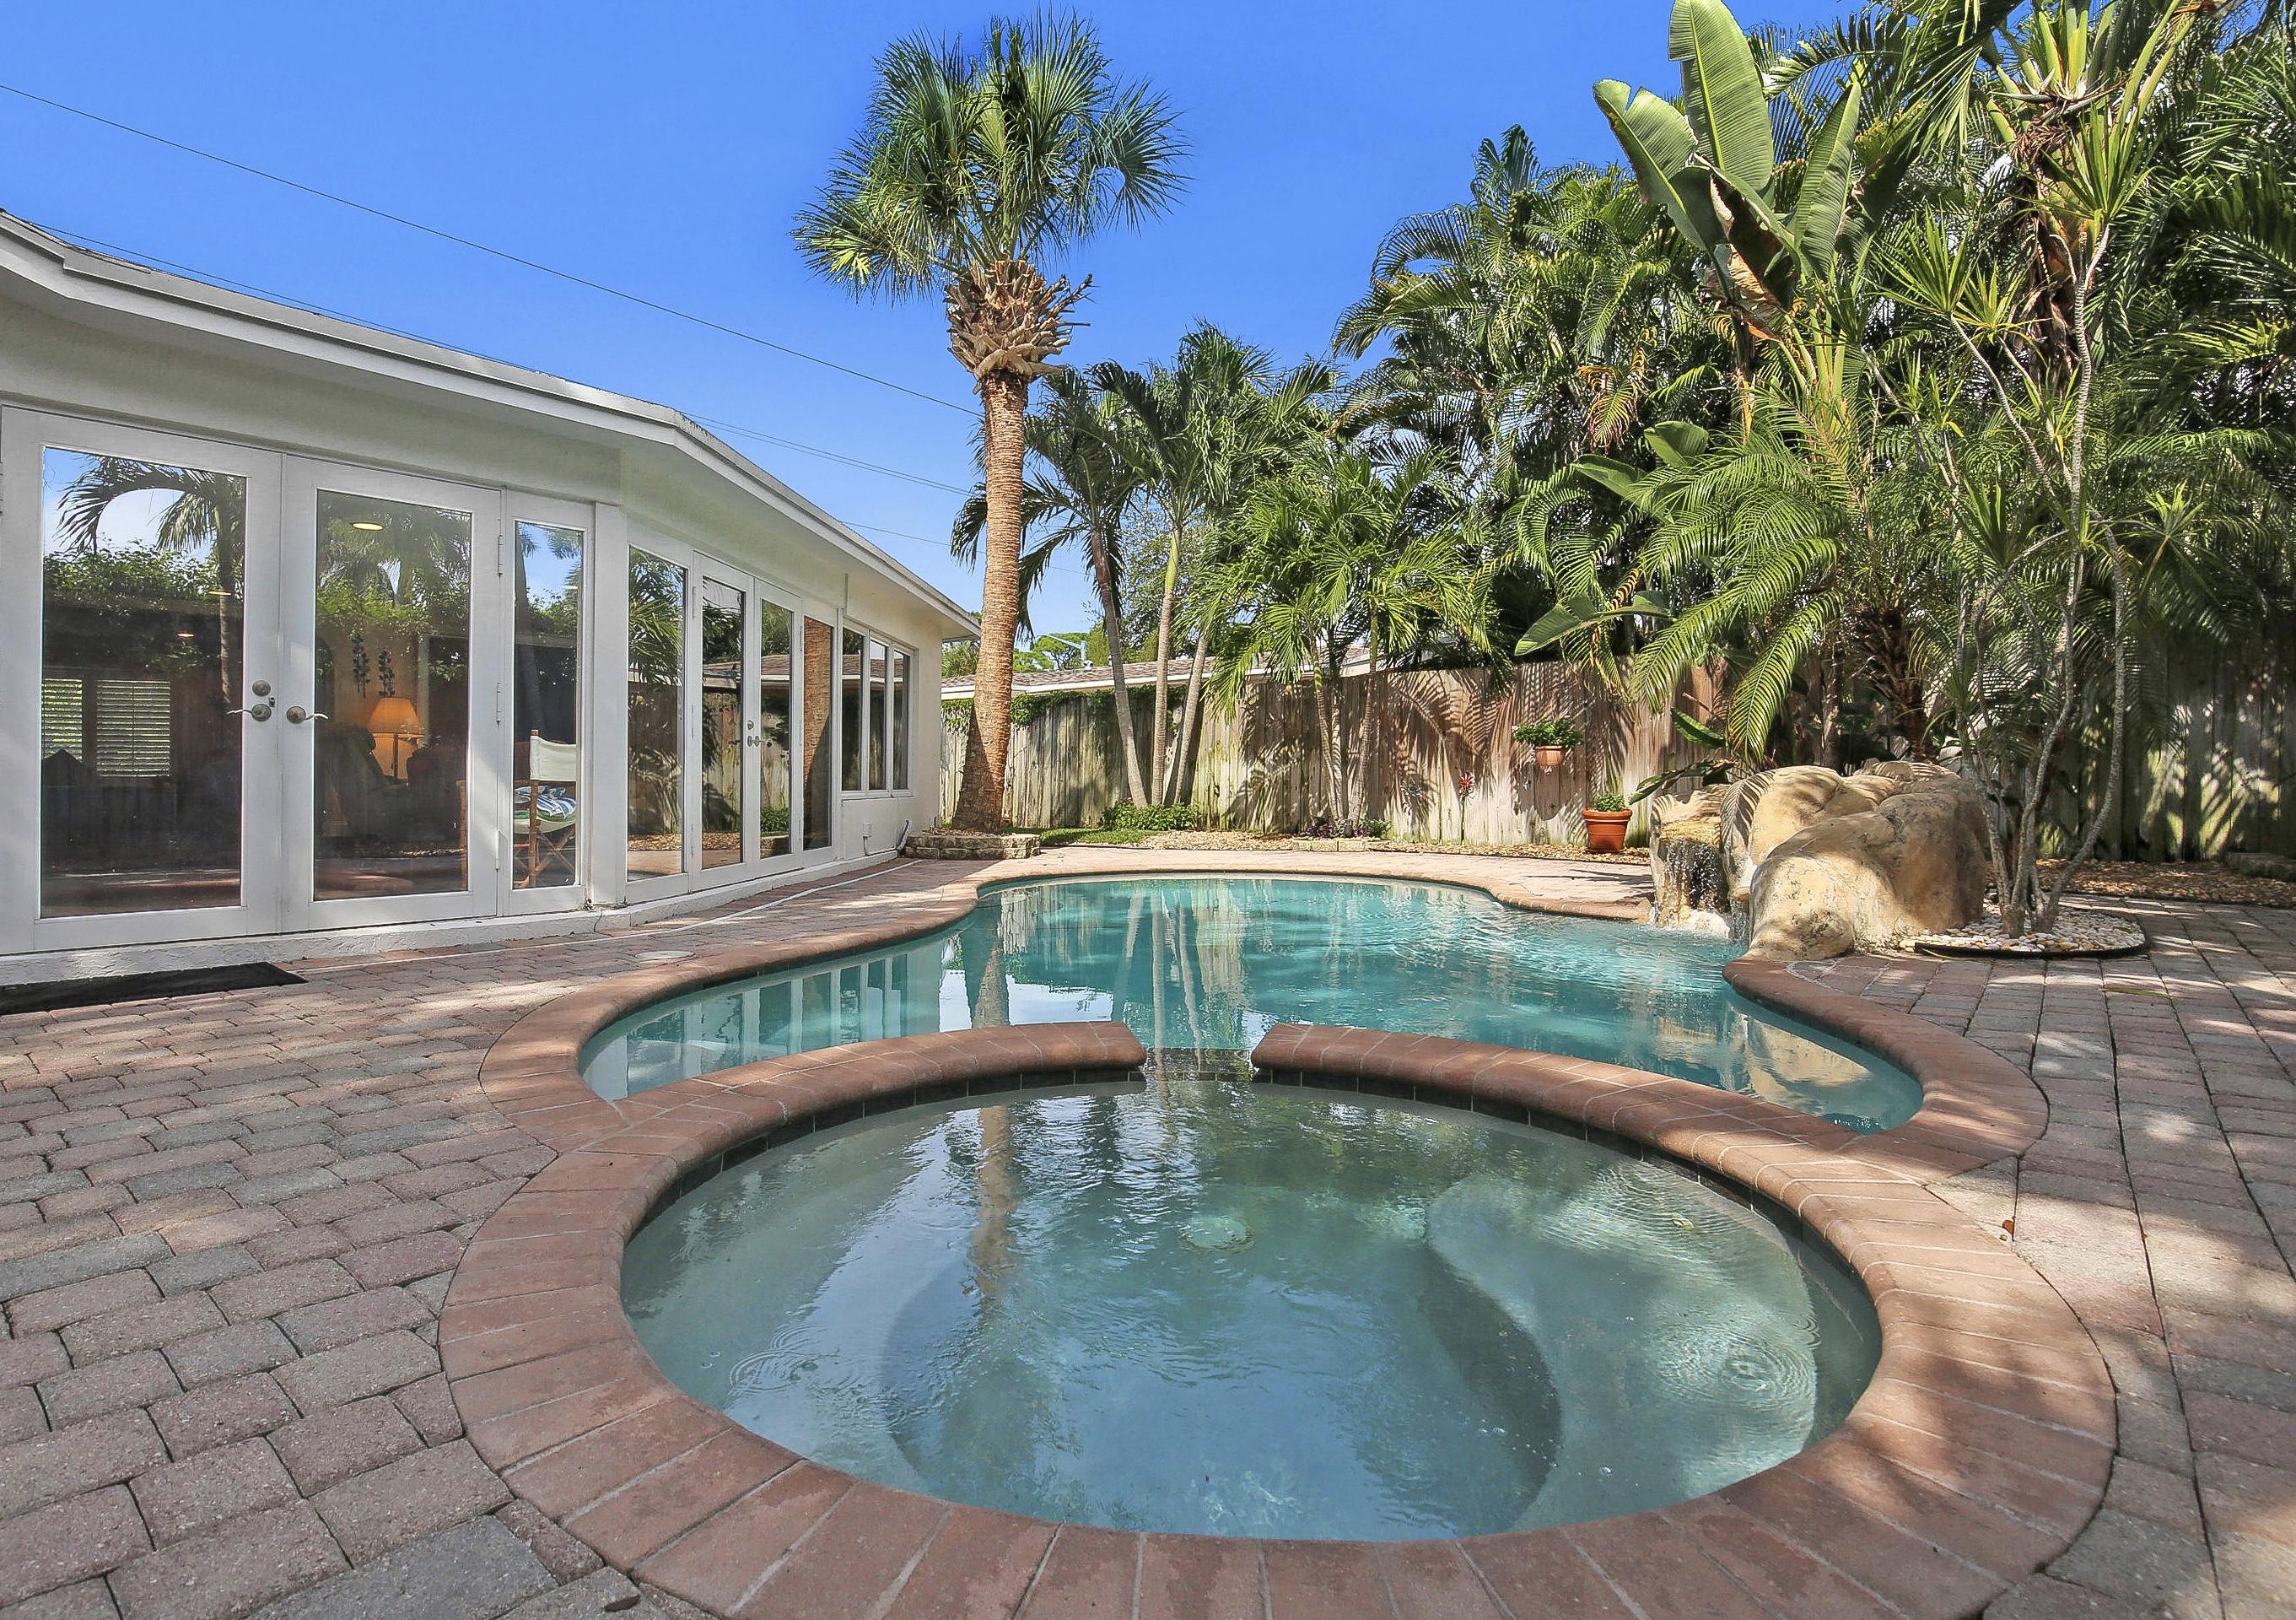 838 W Palmetto Park Road Boca Raton, FL 33486